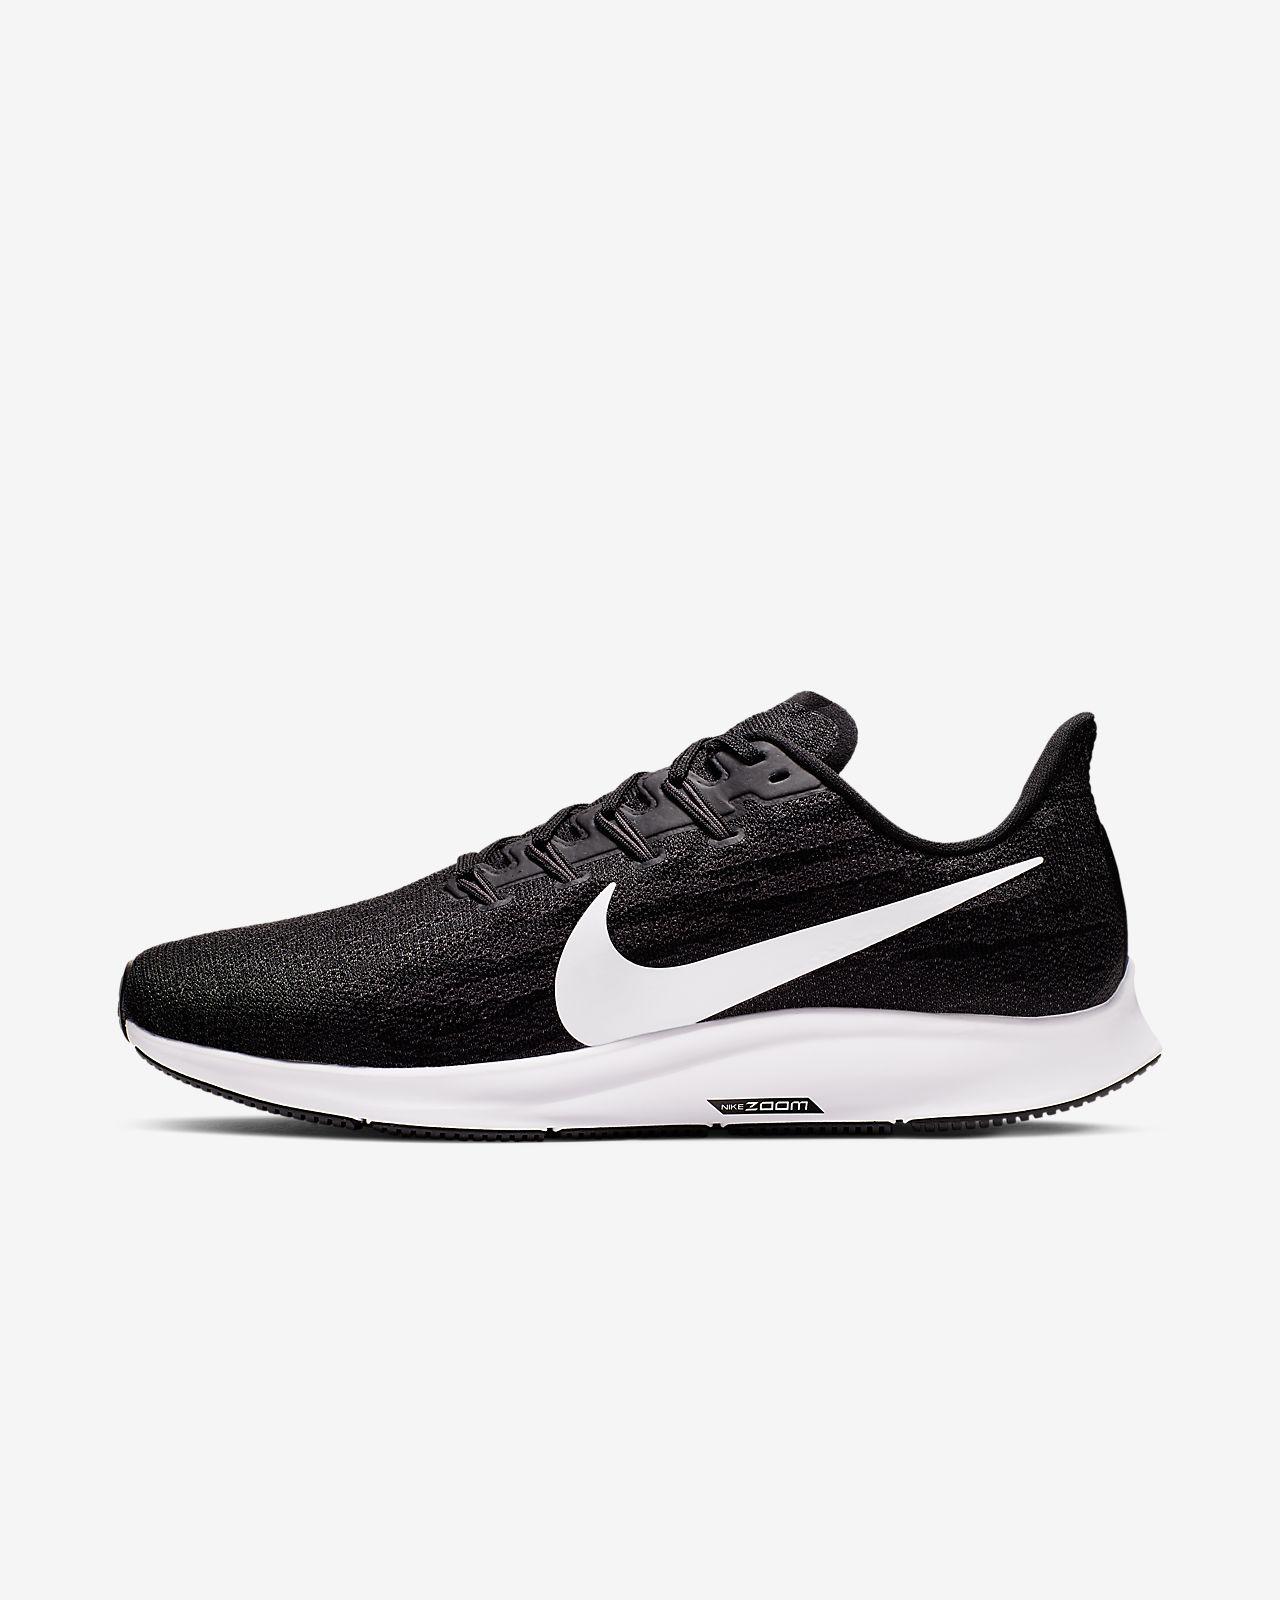 Nike Air Zoom Pegasus 36 Hardloopschoen voor heren (breed)